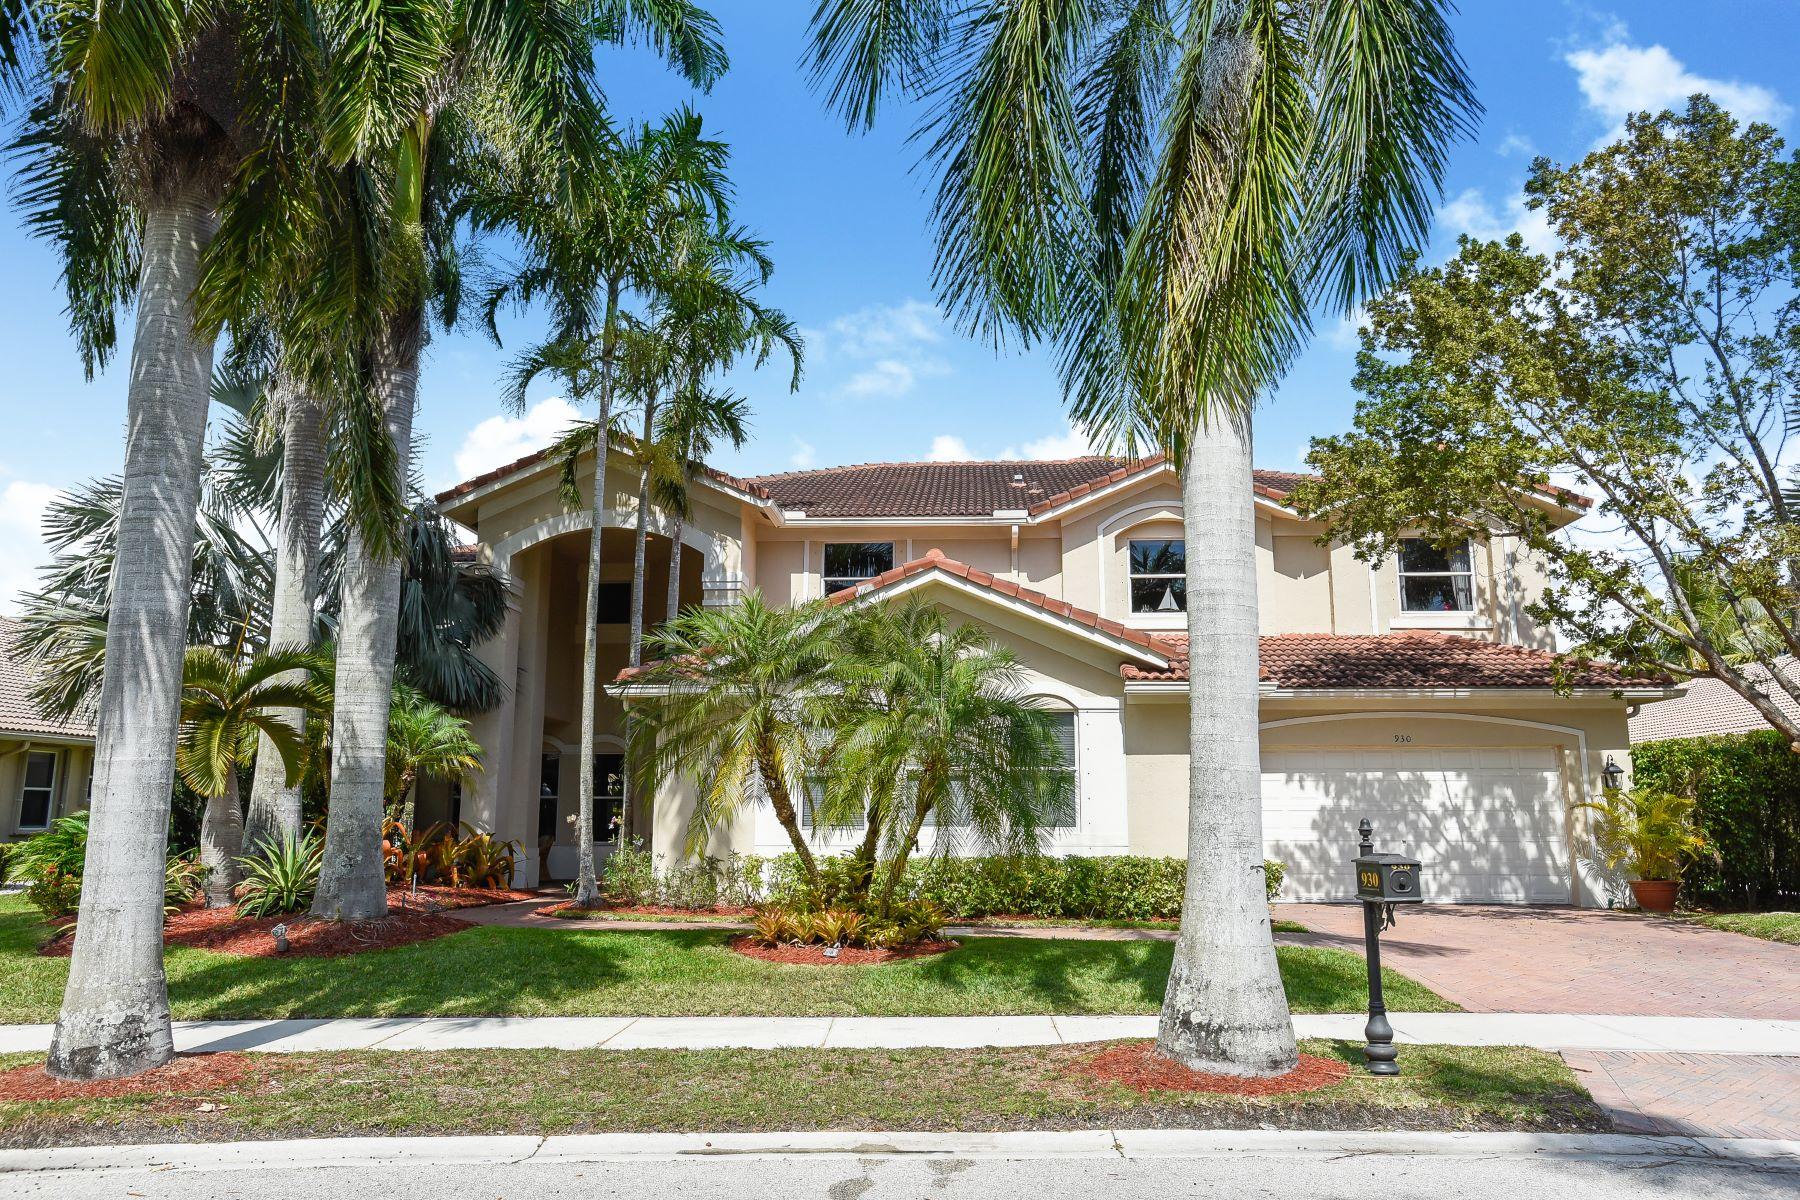 Tek Ailelik Ev için Satış at 930 Tradewinds Bend Weston, Florida, 33327 Amerika Birleşik Devletleri